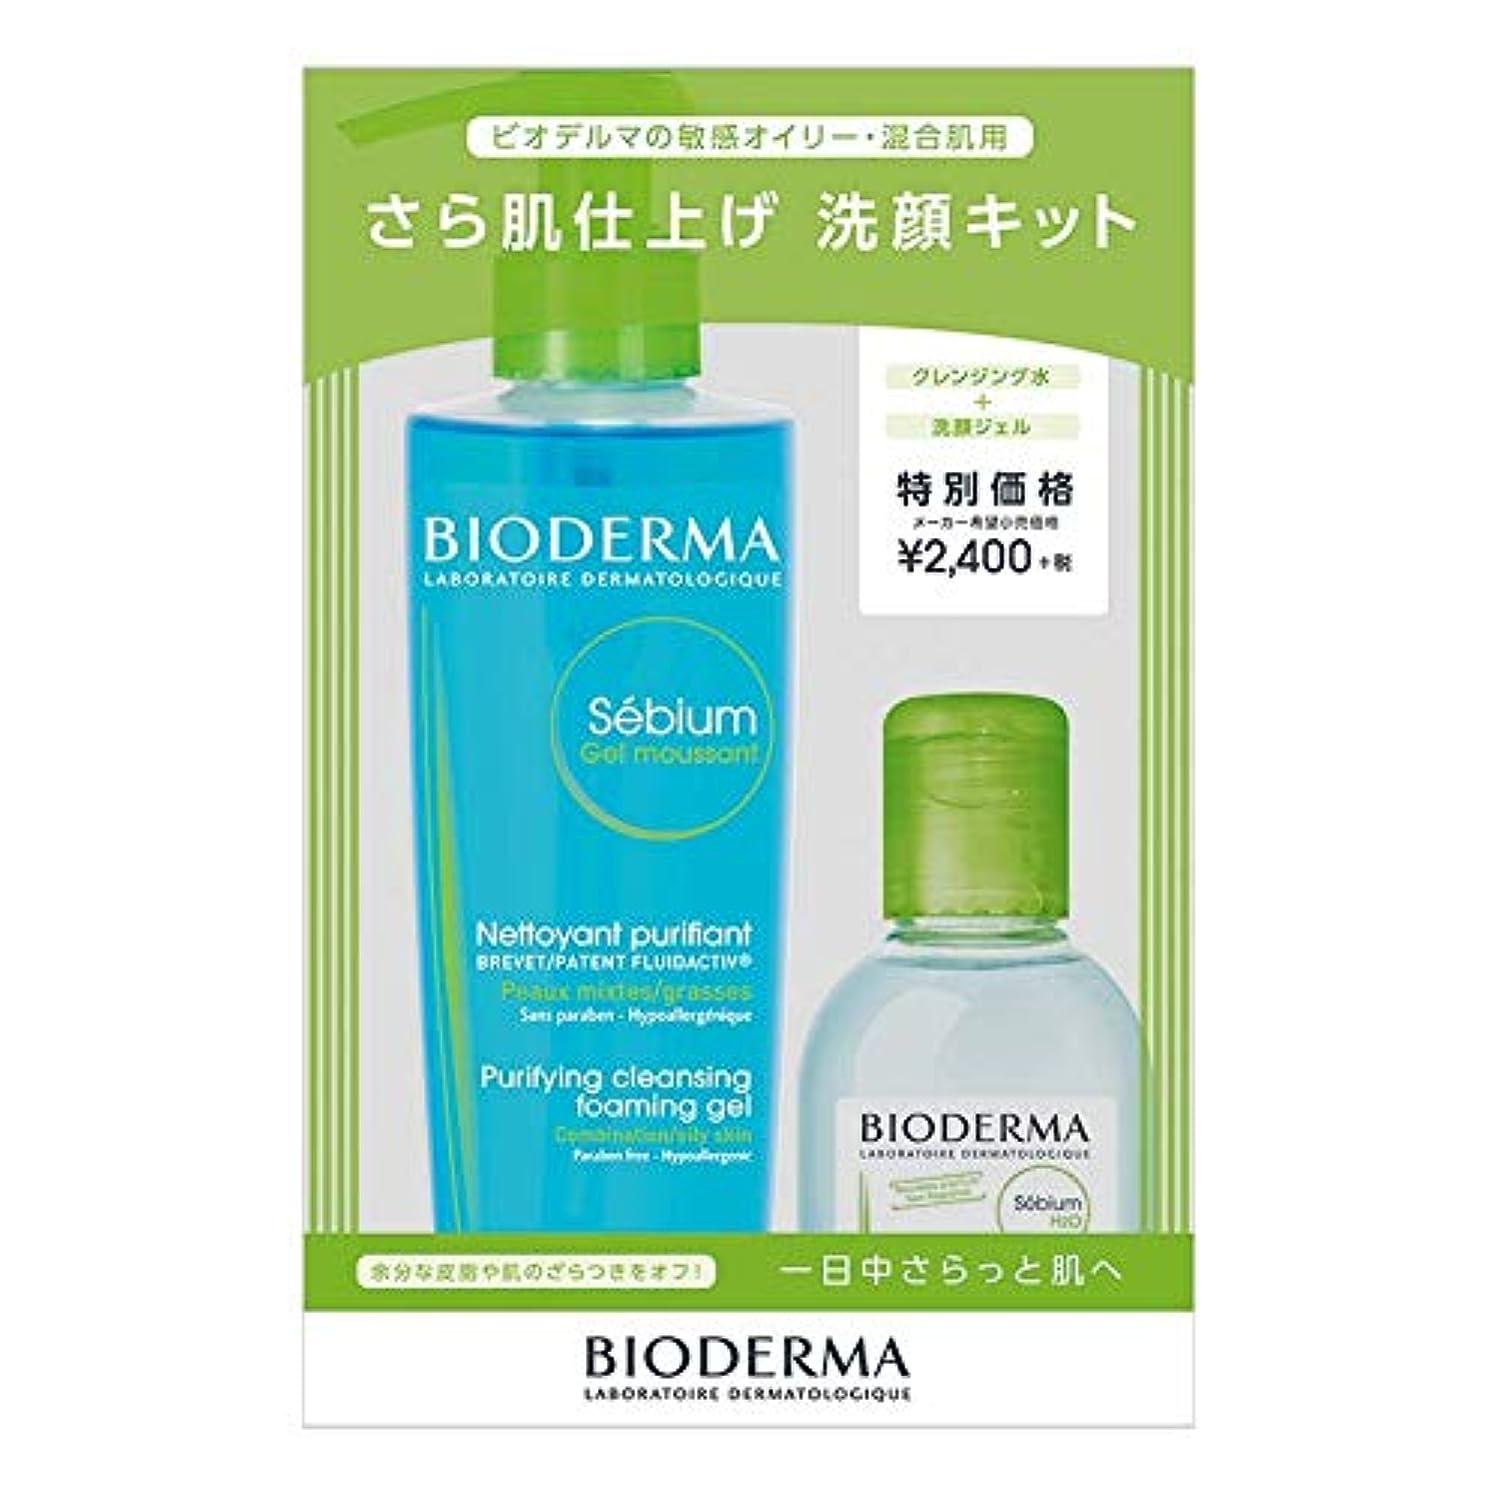 資本主義具体的に手つかずの【正規品】ビオデルマ セビウム さら肌仕上げ 洗顔キット (セビウム フォーミングウォッシングジェル200g+セビウム エイチツーオー D 100mL)